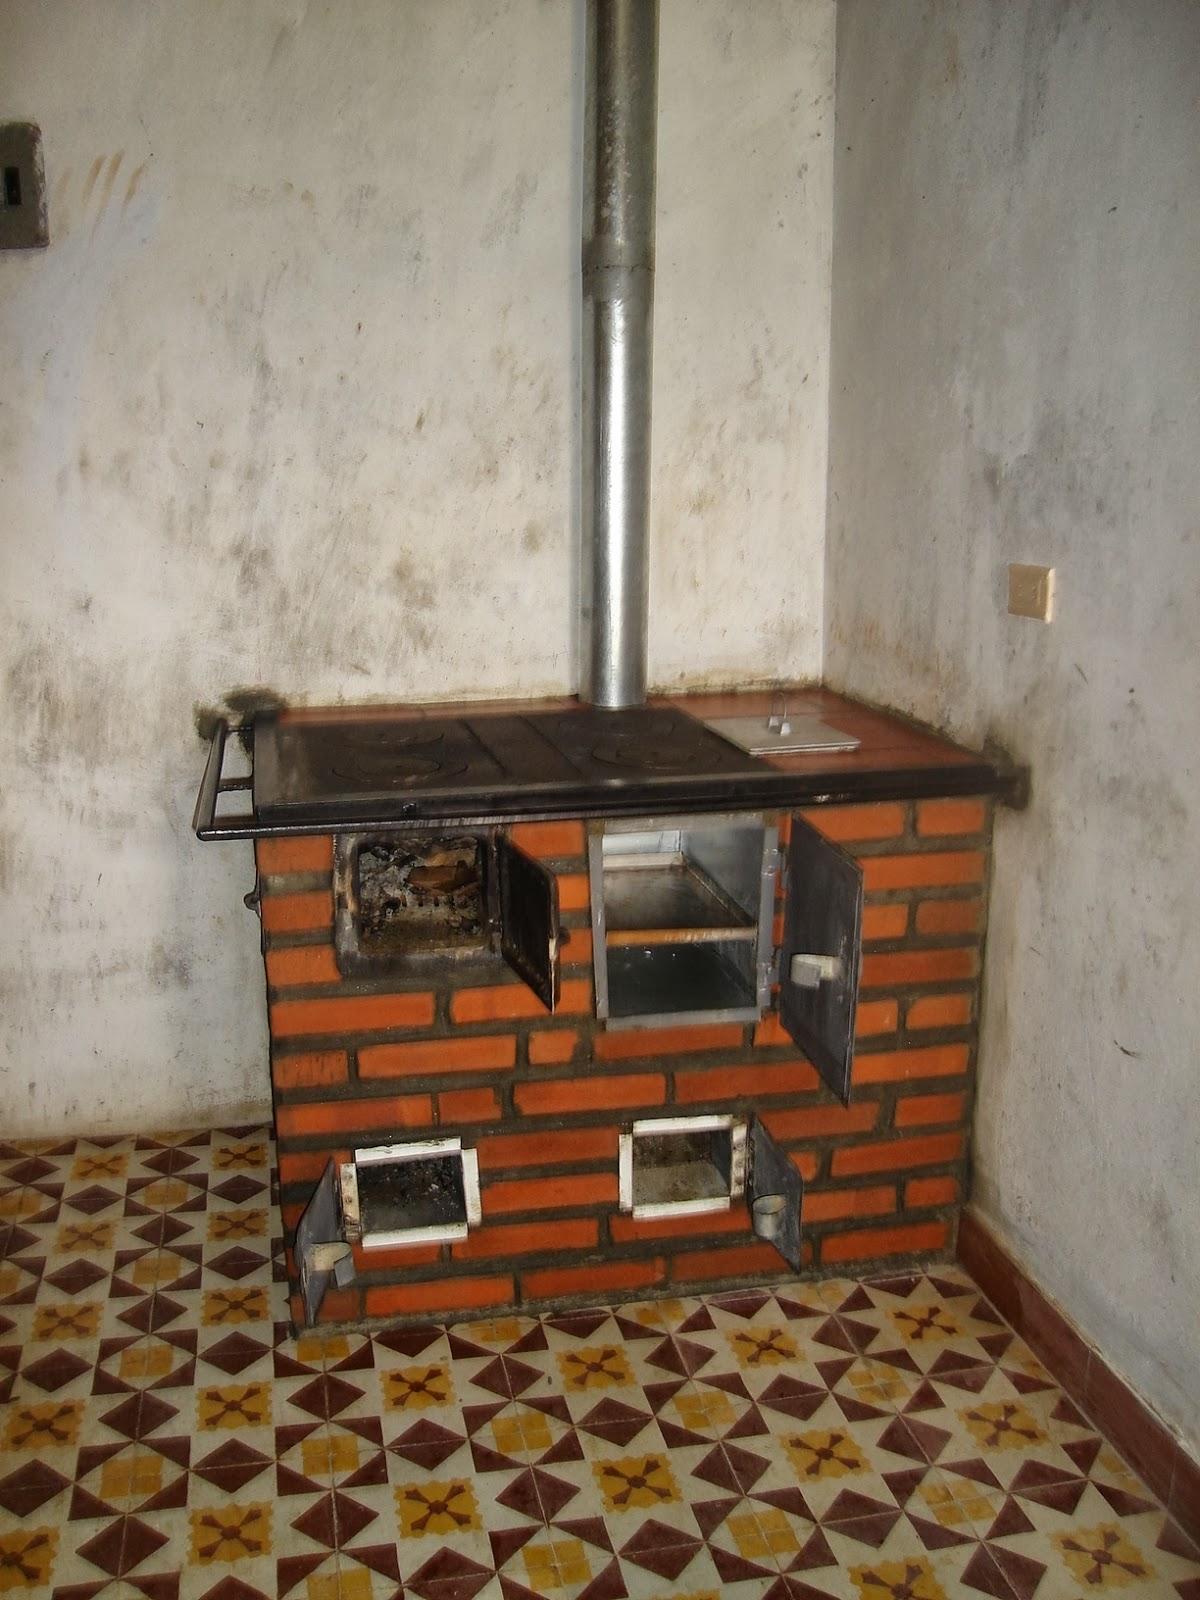 respiremos aire puro estufas de le a eficiente On estufas a lena de ladrillos